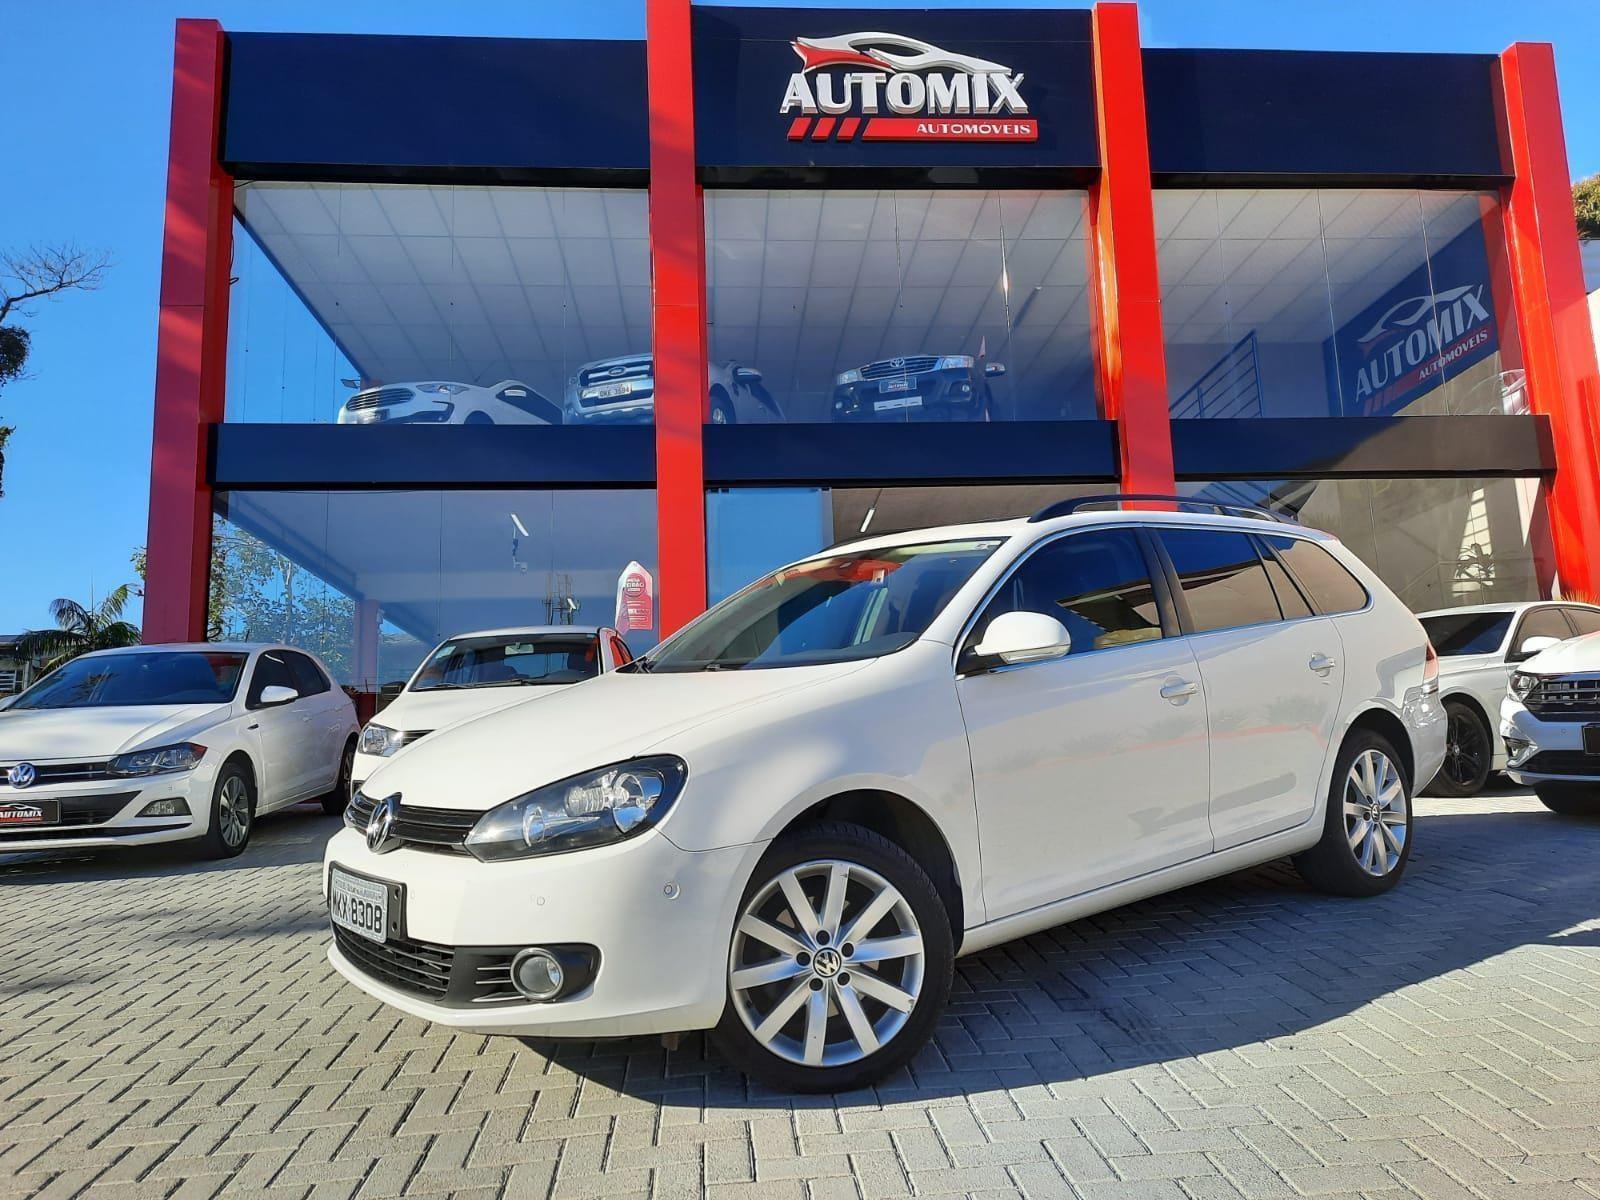 //www.autoline.com.br/carro/volkswagen/jetta-25-variant-20v-gasolina-4p-automatico/2013/blumenau-sc/15250624